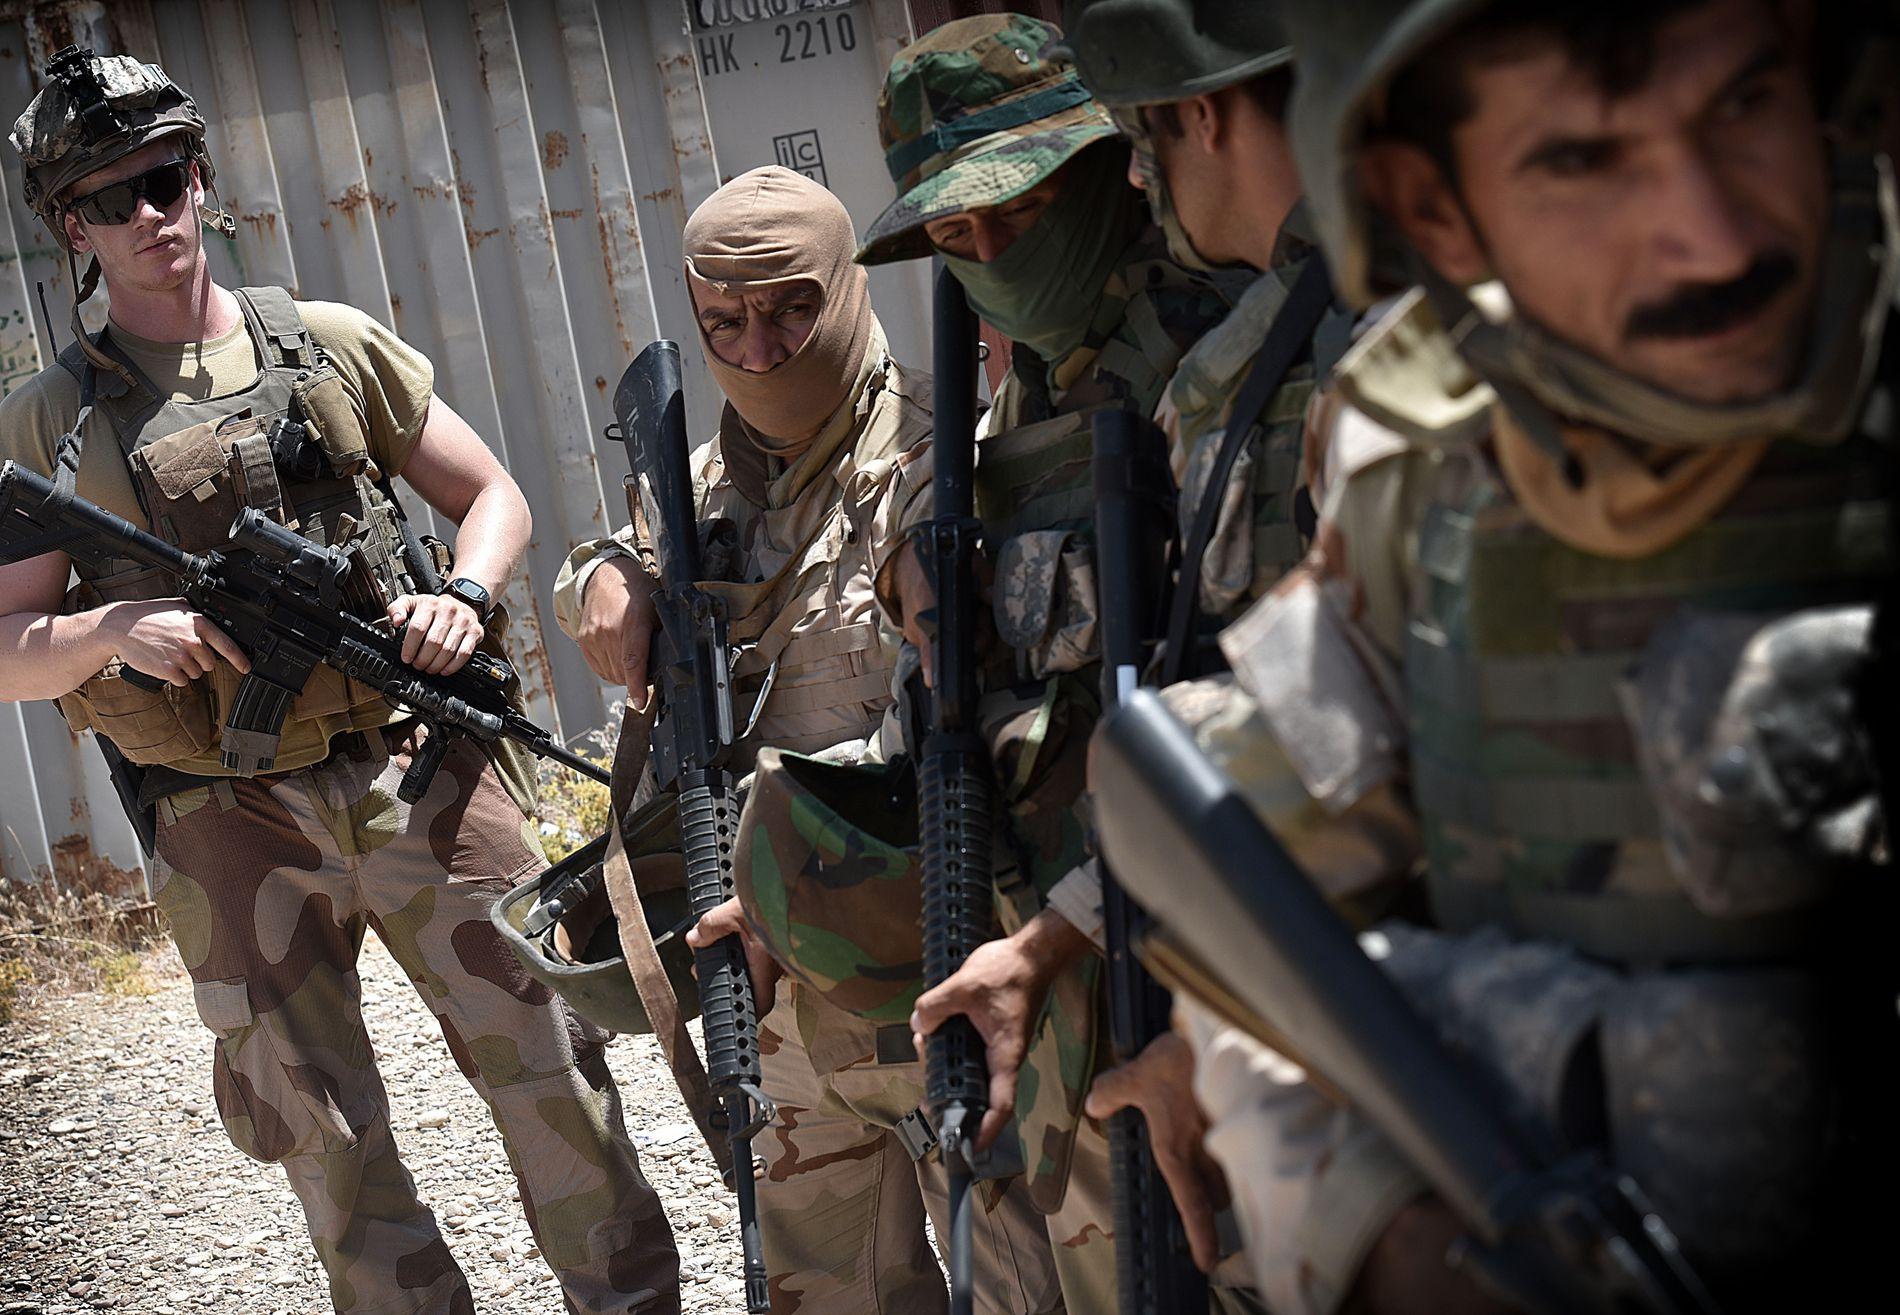 ØVELSE: Peshmerga-styrkene har hatt forsvar av sine områder som spesialitet. Nå trenes de til angrep mot Mosul.